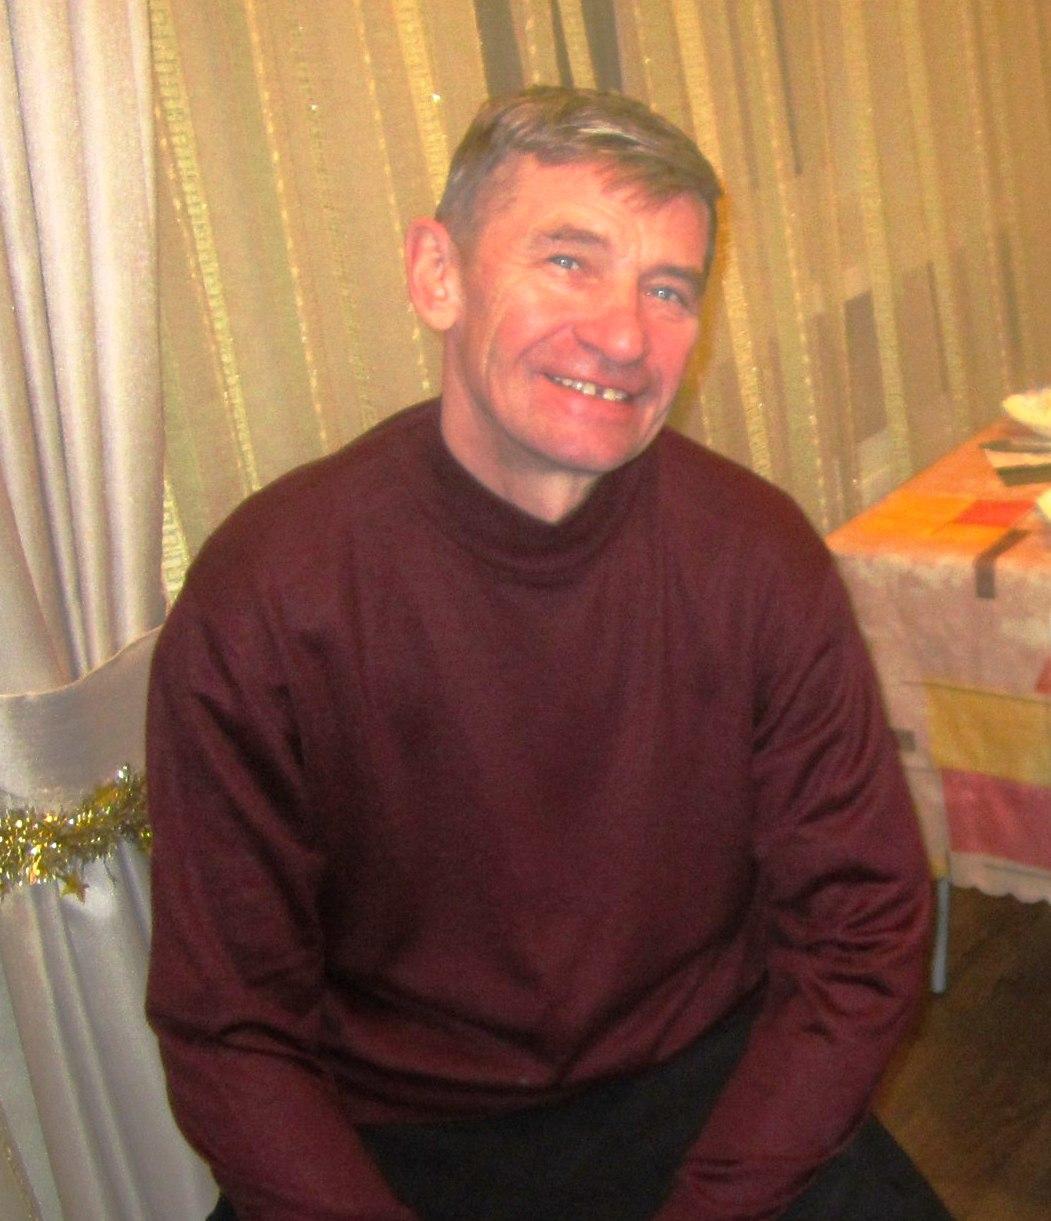 Руководитель Управления по организационно-воспитательной работе ИжГТУ Игорь Селетков